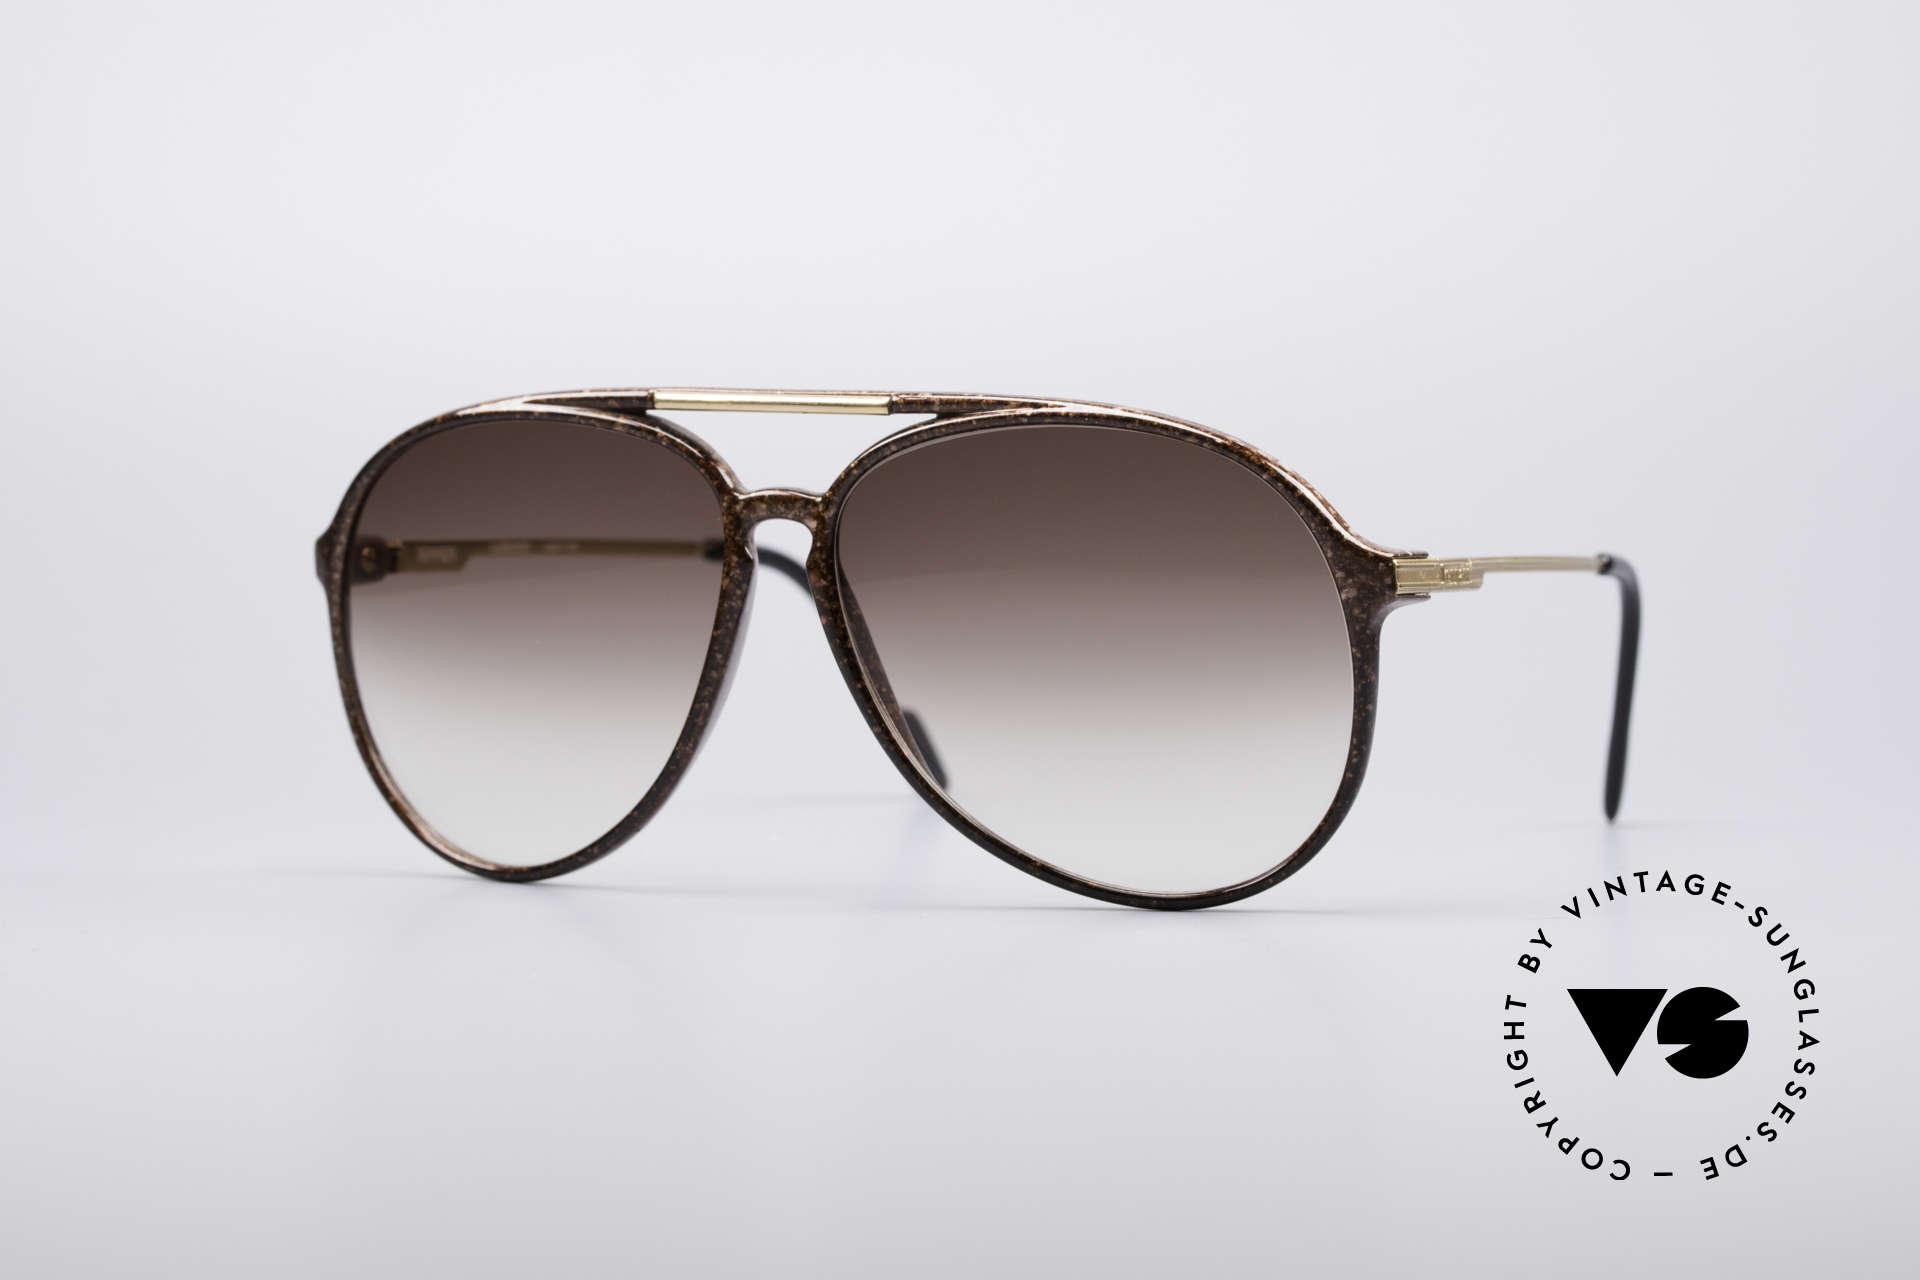 voltage colors scuderia eye outofstock eyewear gr shop en products glasses frames collection enlarge det men ferrari oakley